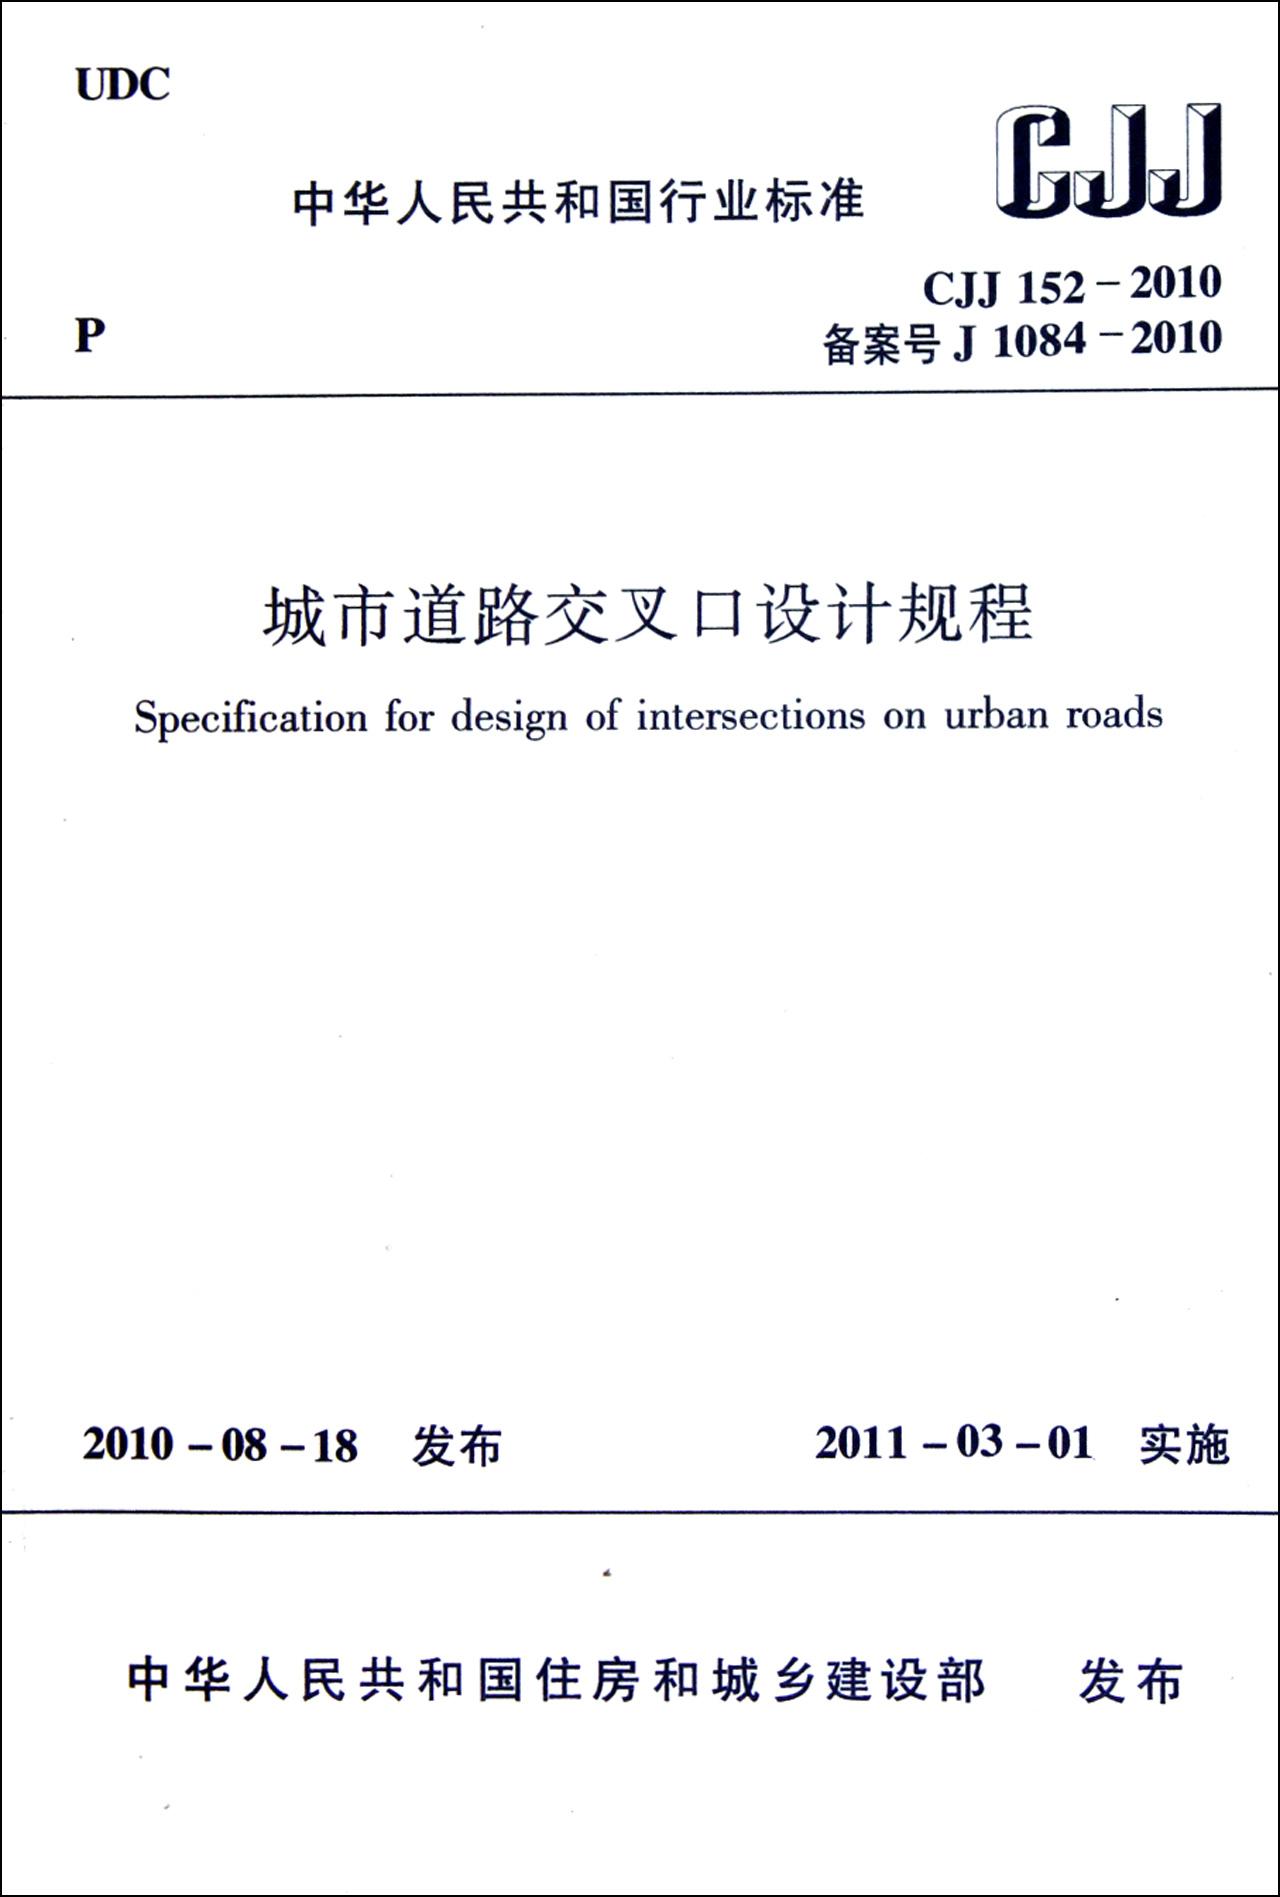 城市道路交叉口设计规程(cjj152-2010备案号j1084-)